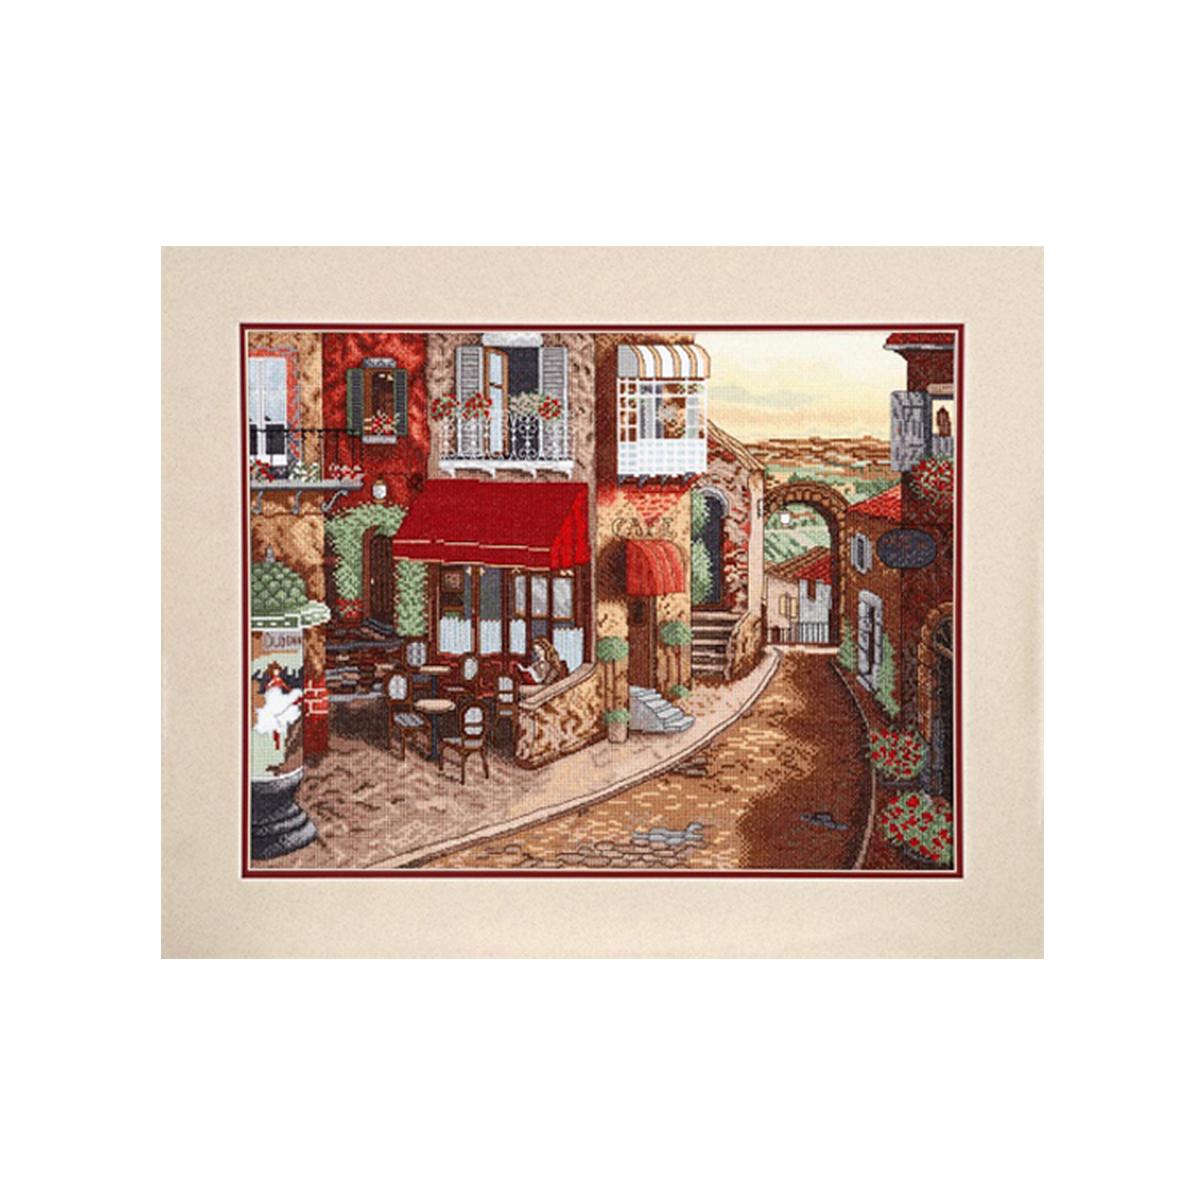 Набор для вышивания Alisena Улочка, 31 x 41 см488062